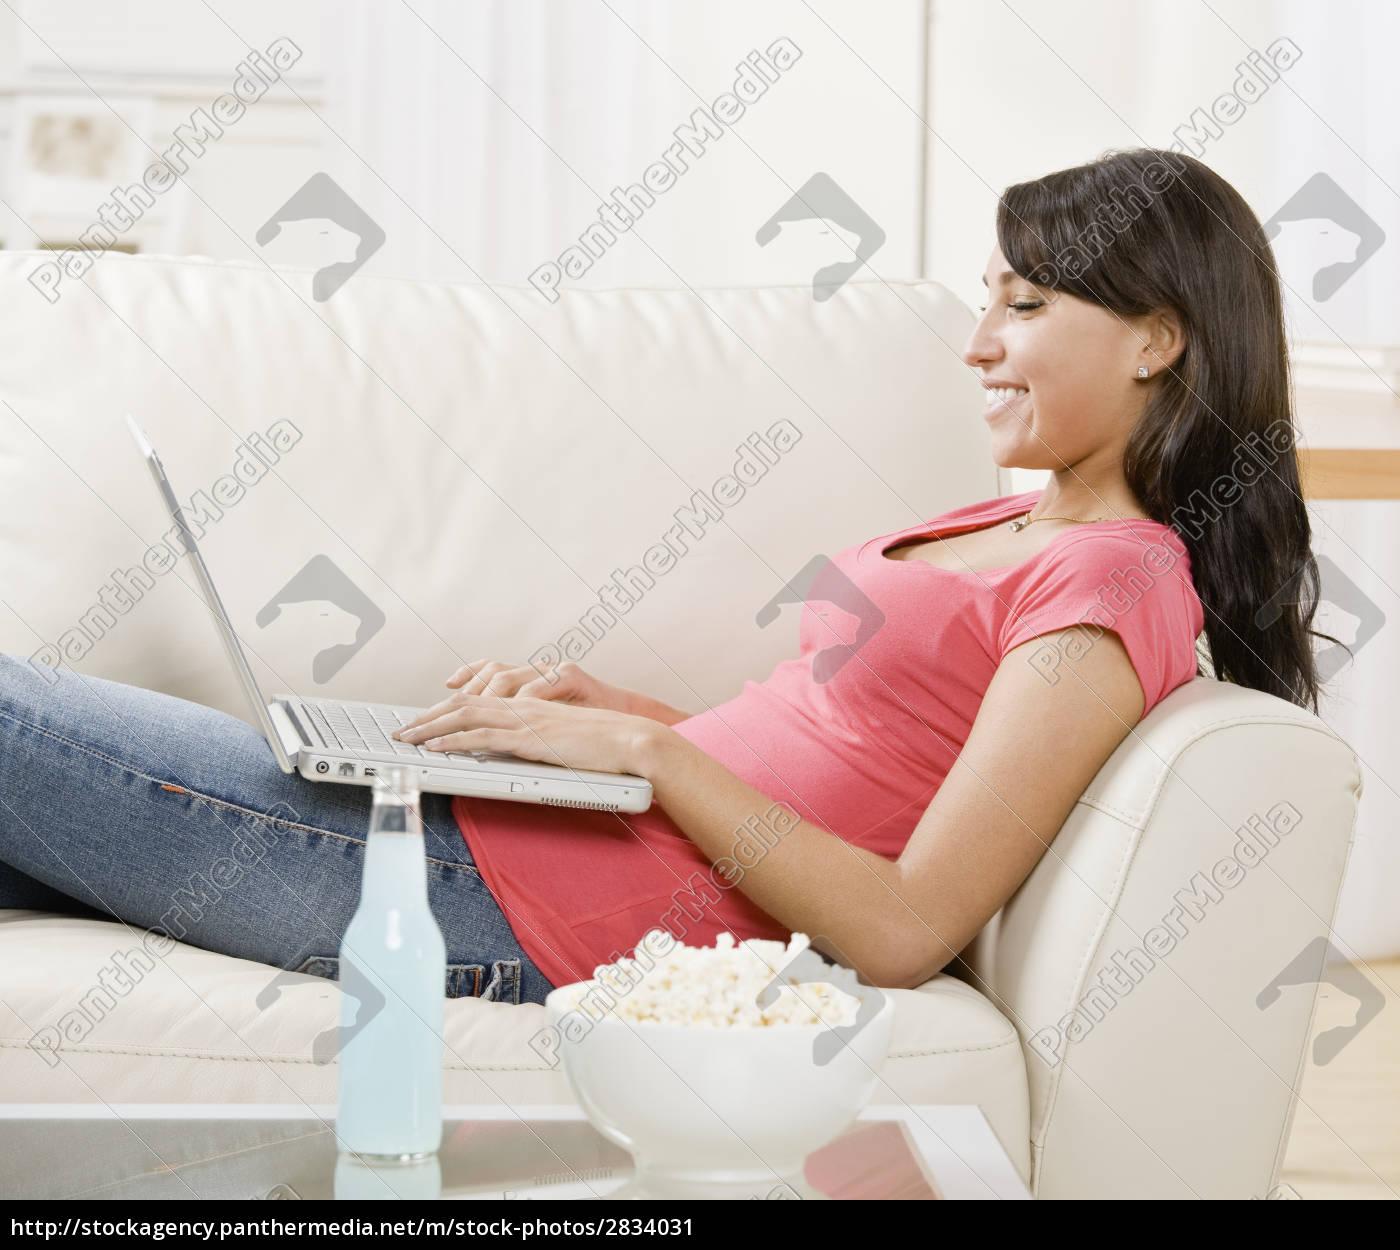 young, woman, on, sofa - 2834031